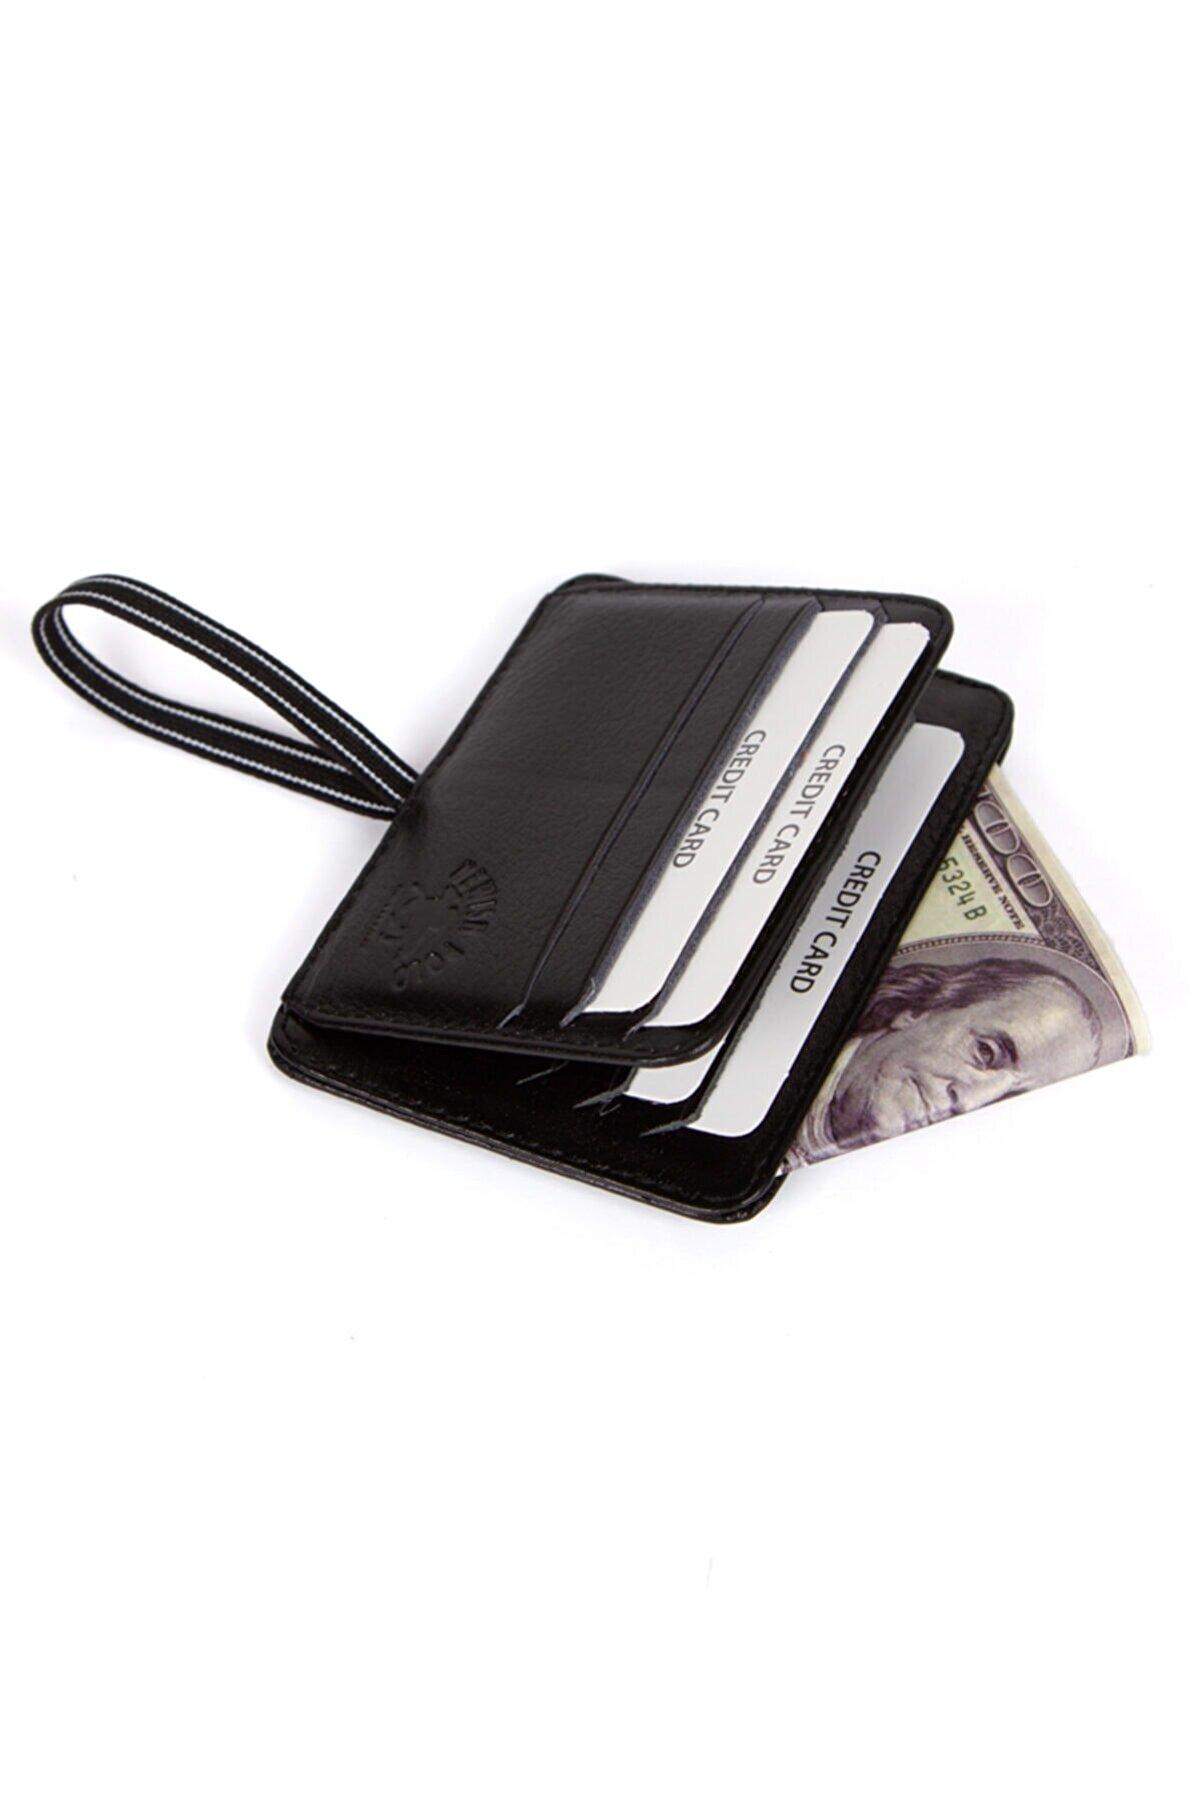 Kindfox Nwpolo Unisex Hakiki Deri Para Bölmeli Ipli Kartlık | Cüzdan